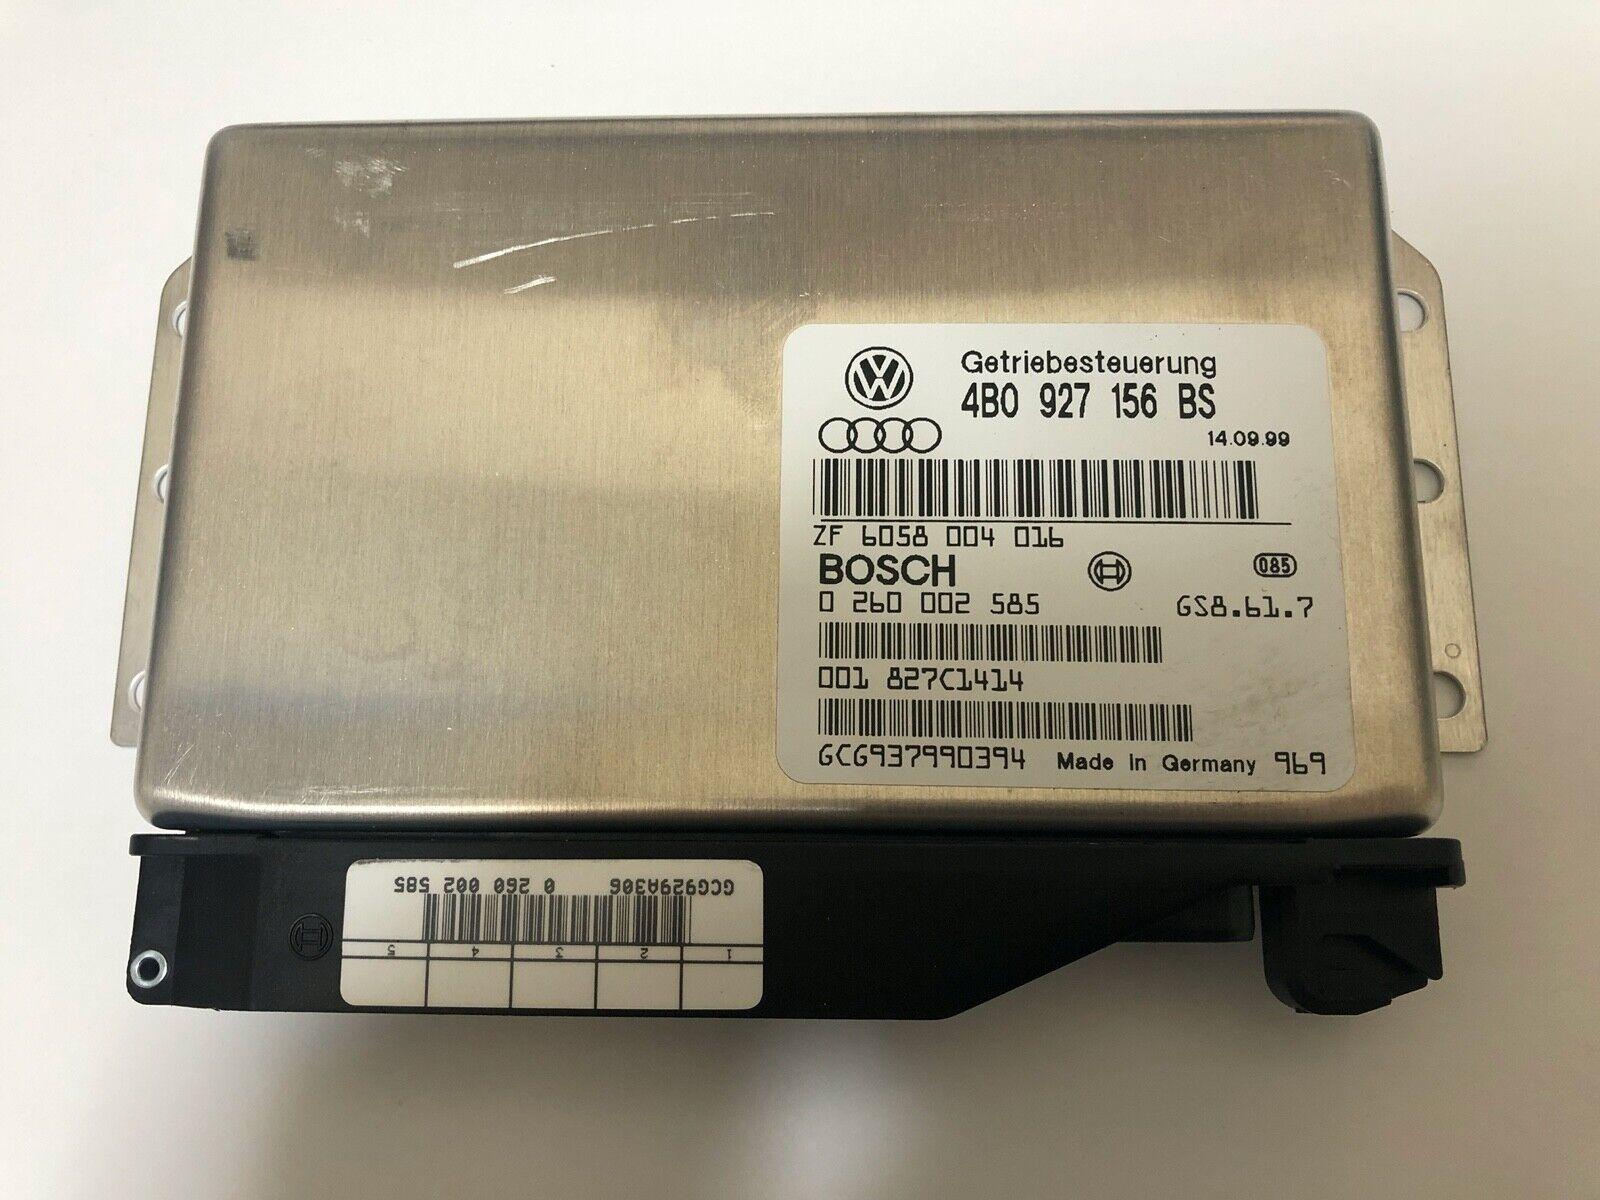 99-02 Audi A6 4.2 V8 Transmission Control Unit TCU 4B0927156BS